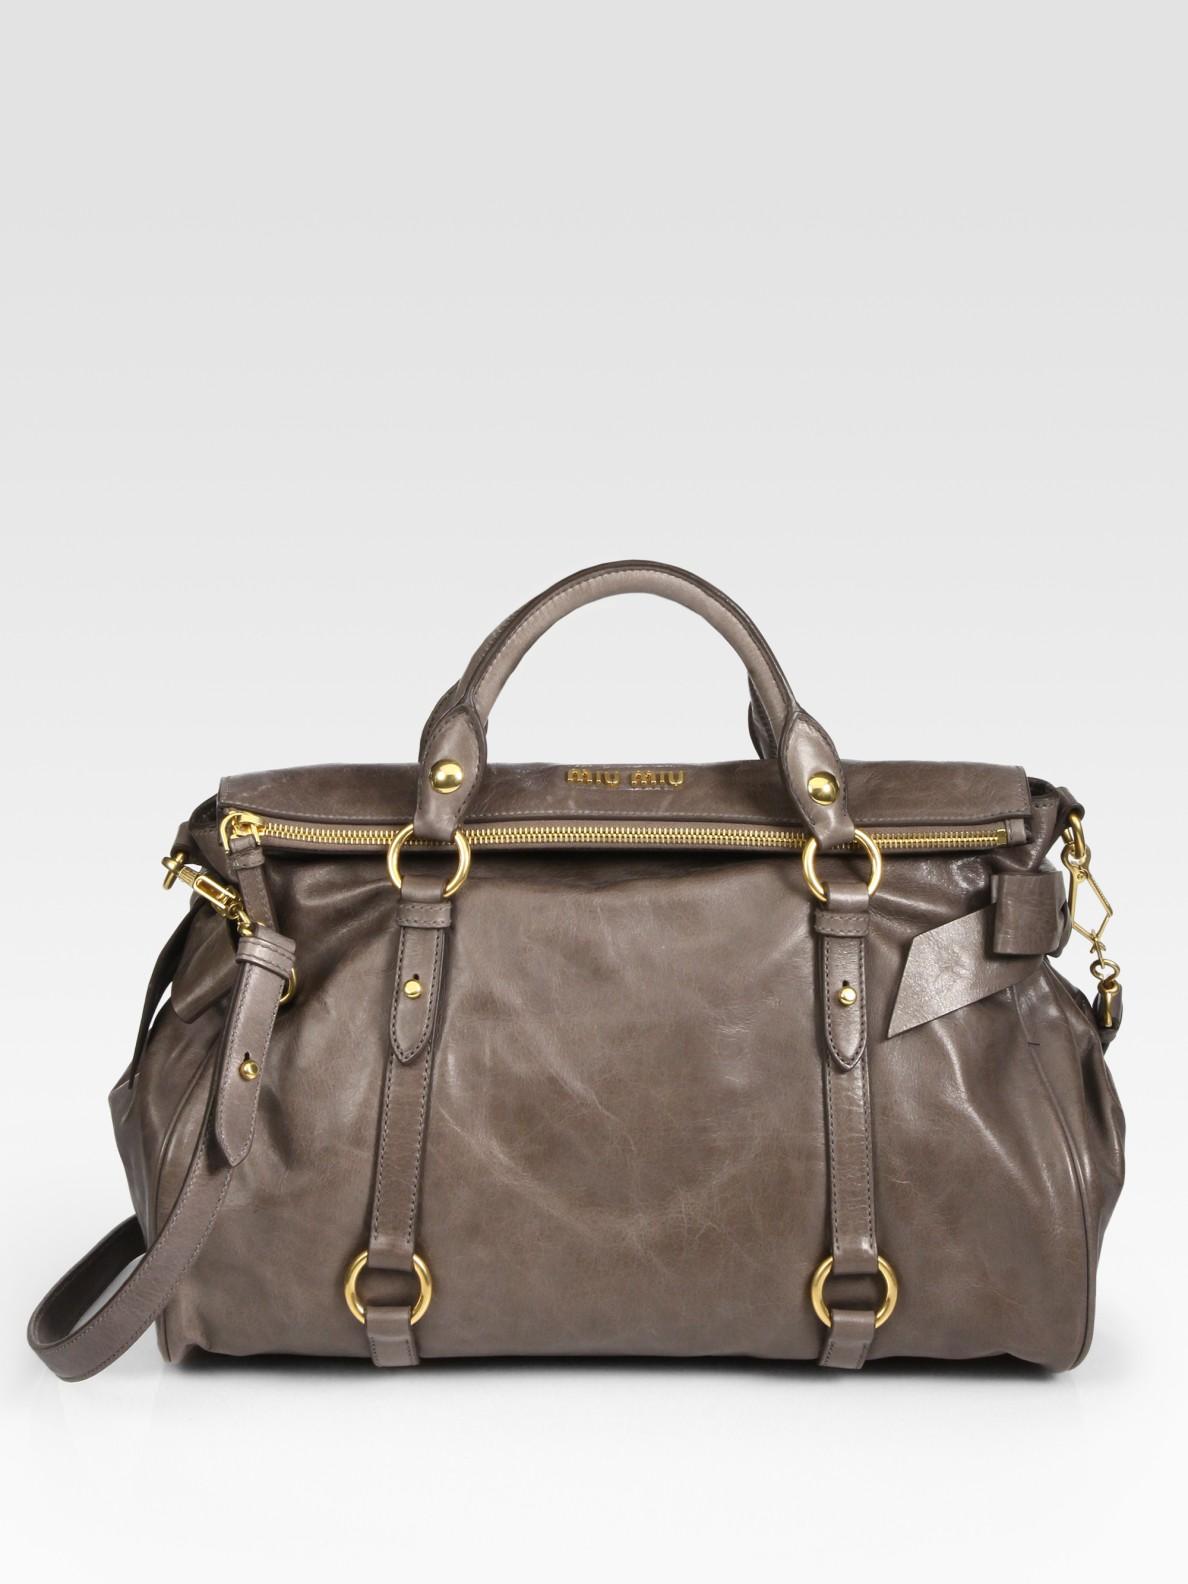 8bc59ee21e7e Miu miu Vitello Lux Large Bow Bag in Brown